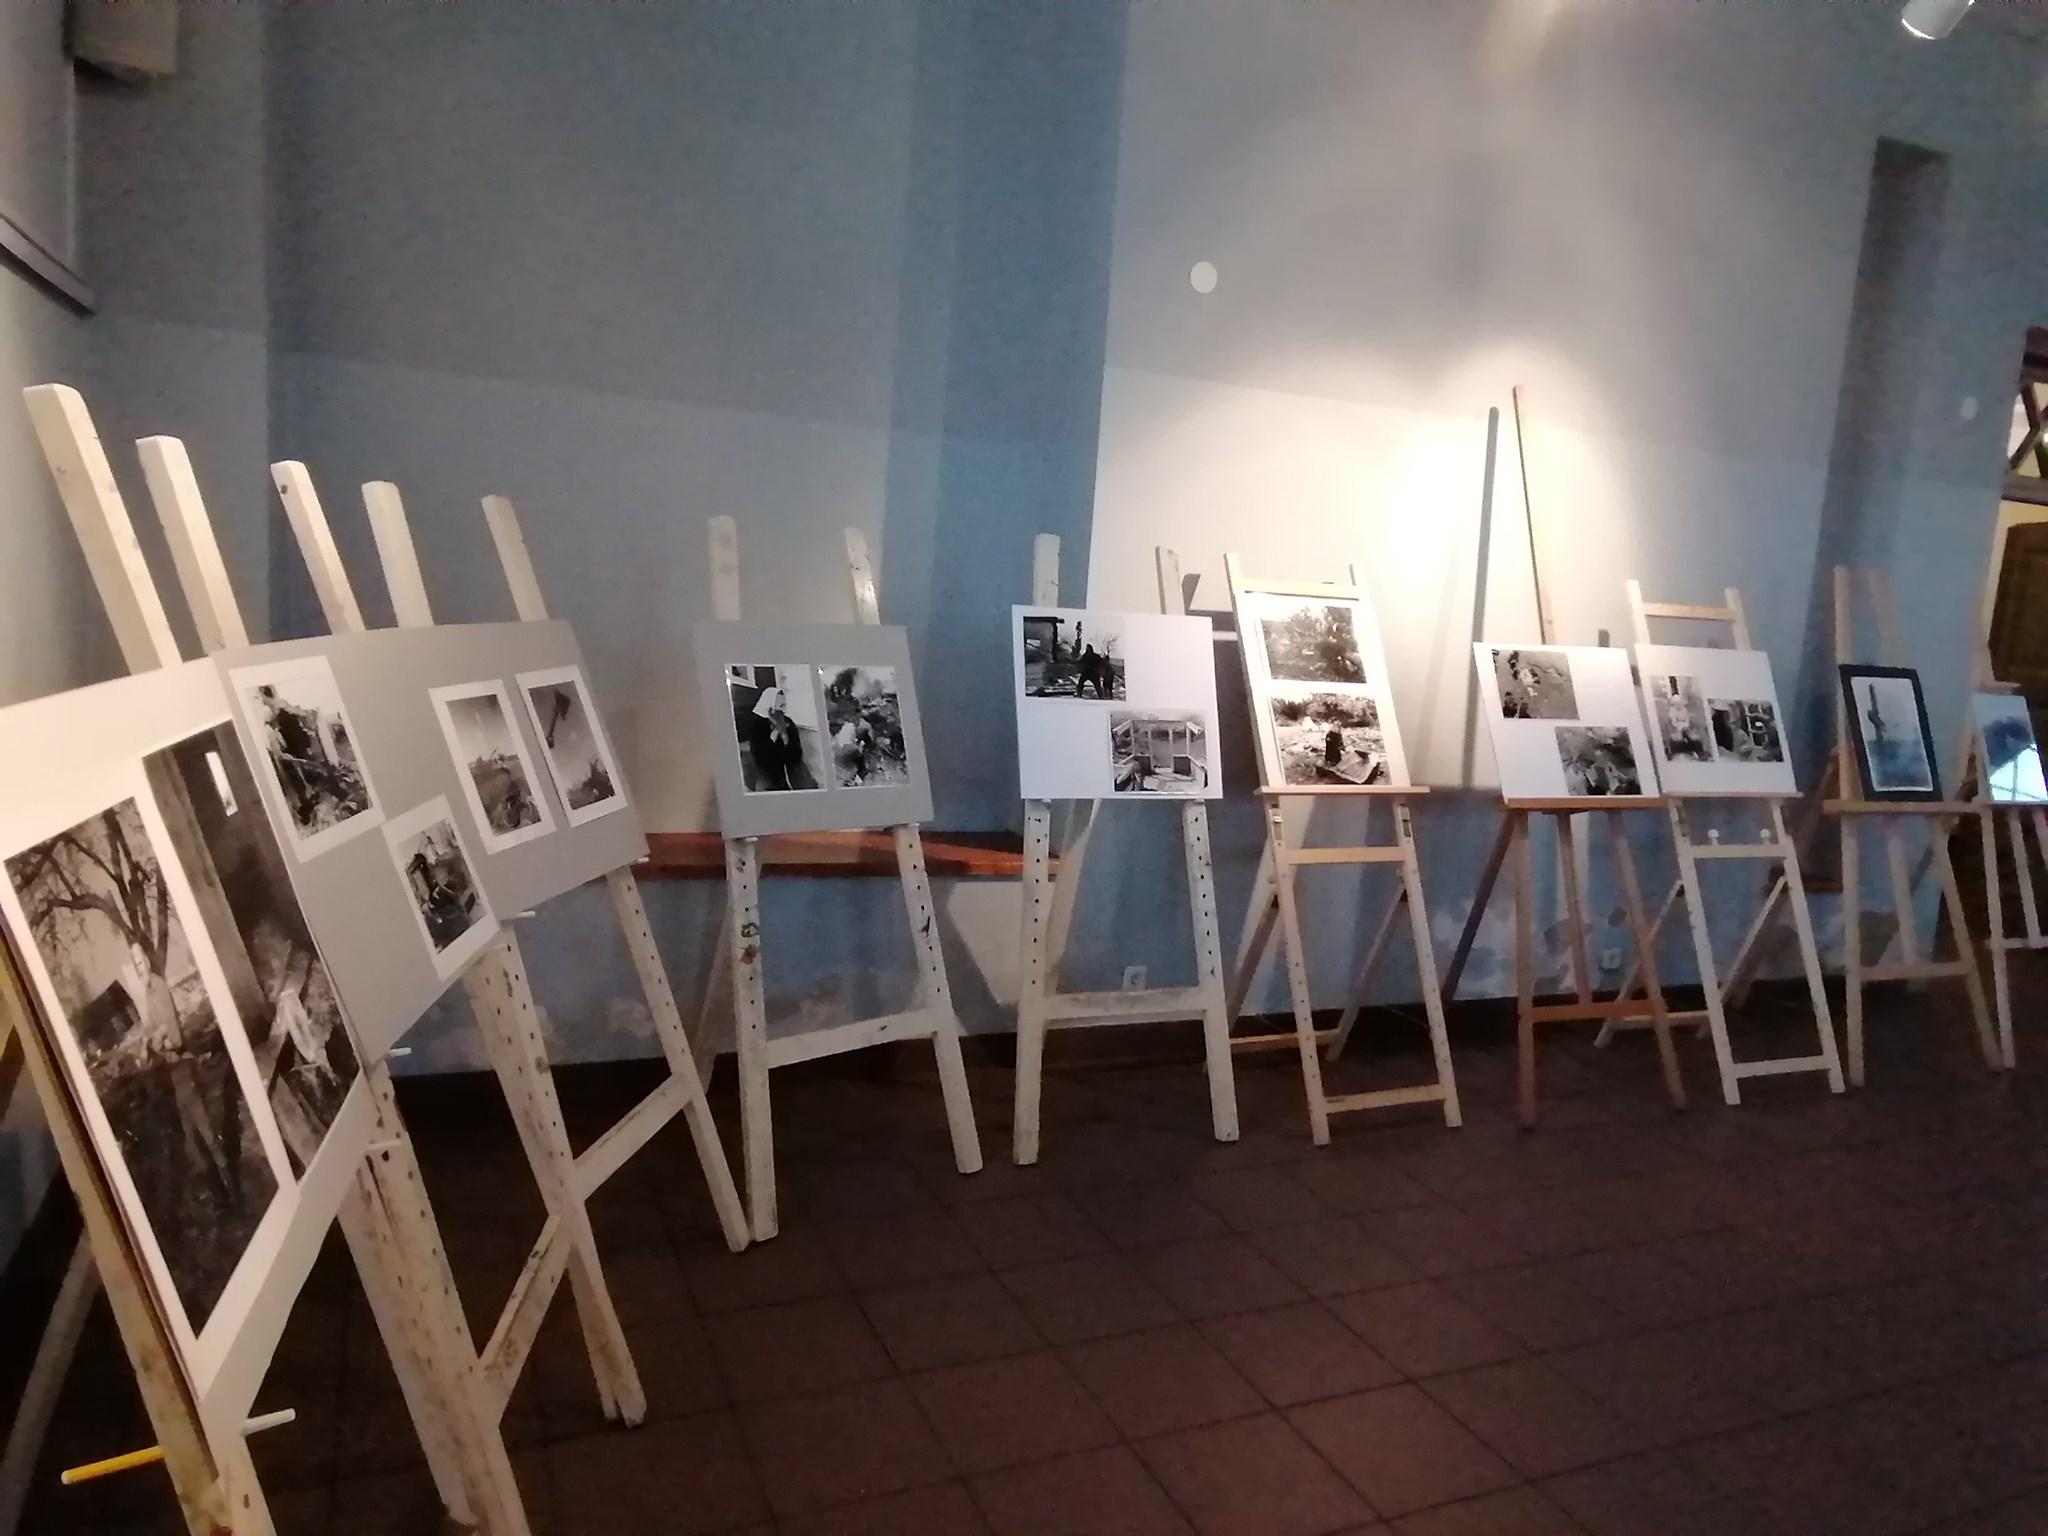 Kraštiečio S. Padalevičiaus, tarybiniais metais fotoaparatu fiksavusio vienkiemių naikinimą, paroda Daugiakultūriame centre. / Organizatorių nuotr.